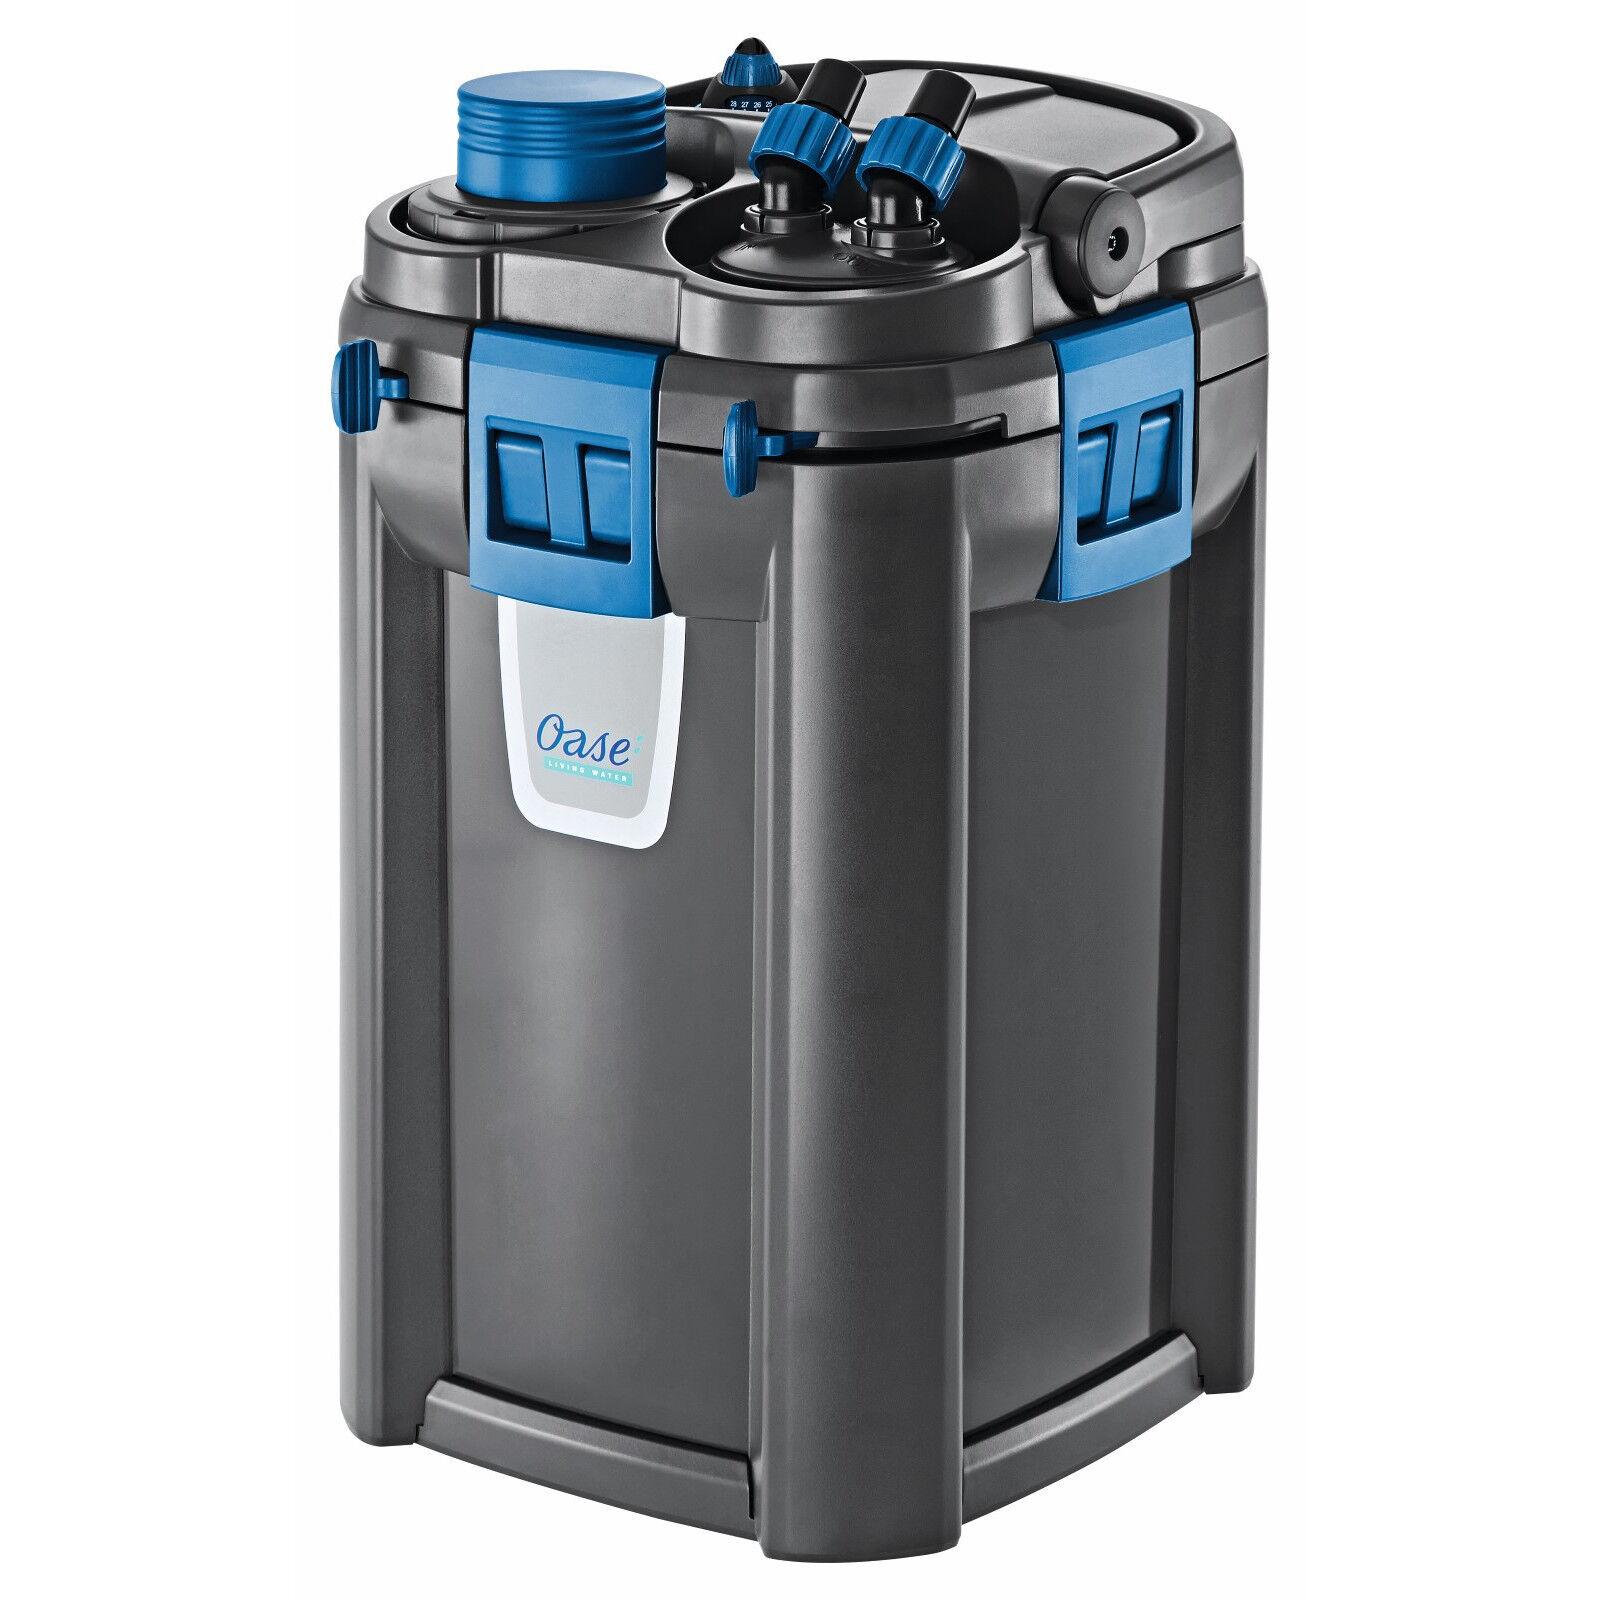 Oasi BIOMASTER Thermo 350 Filtro esterno con riscaldatori per acquari fino a 350 L